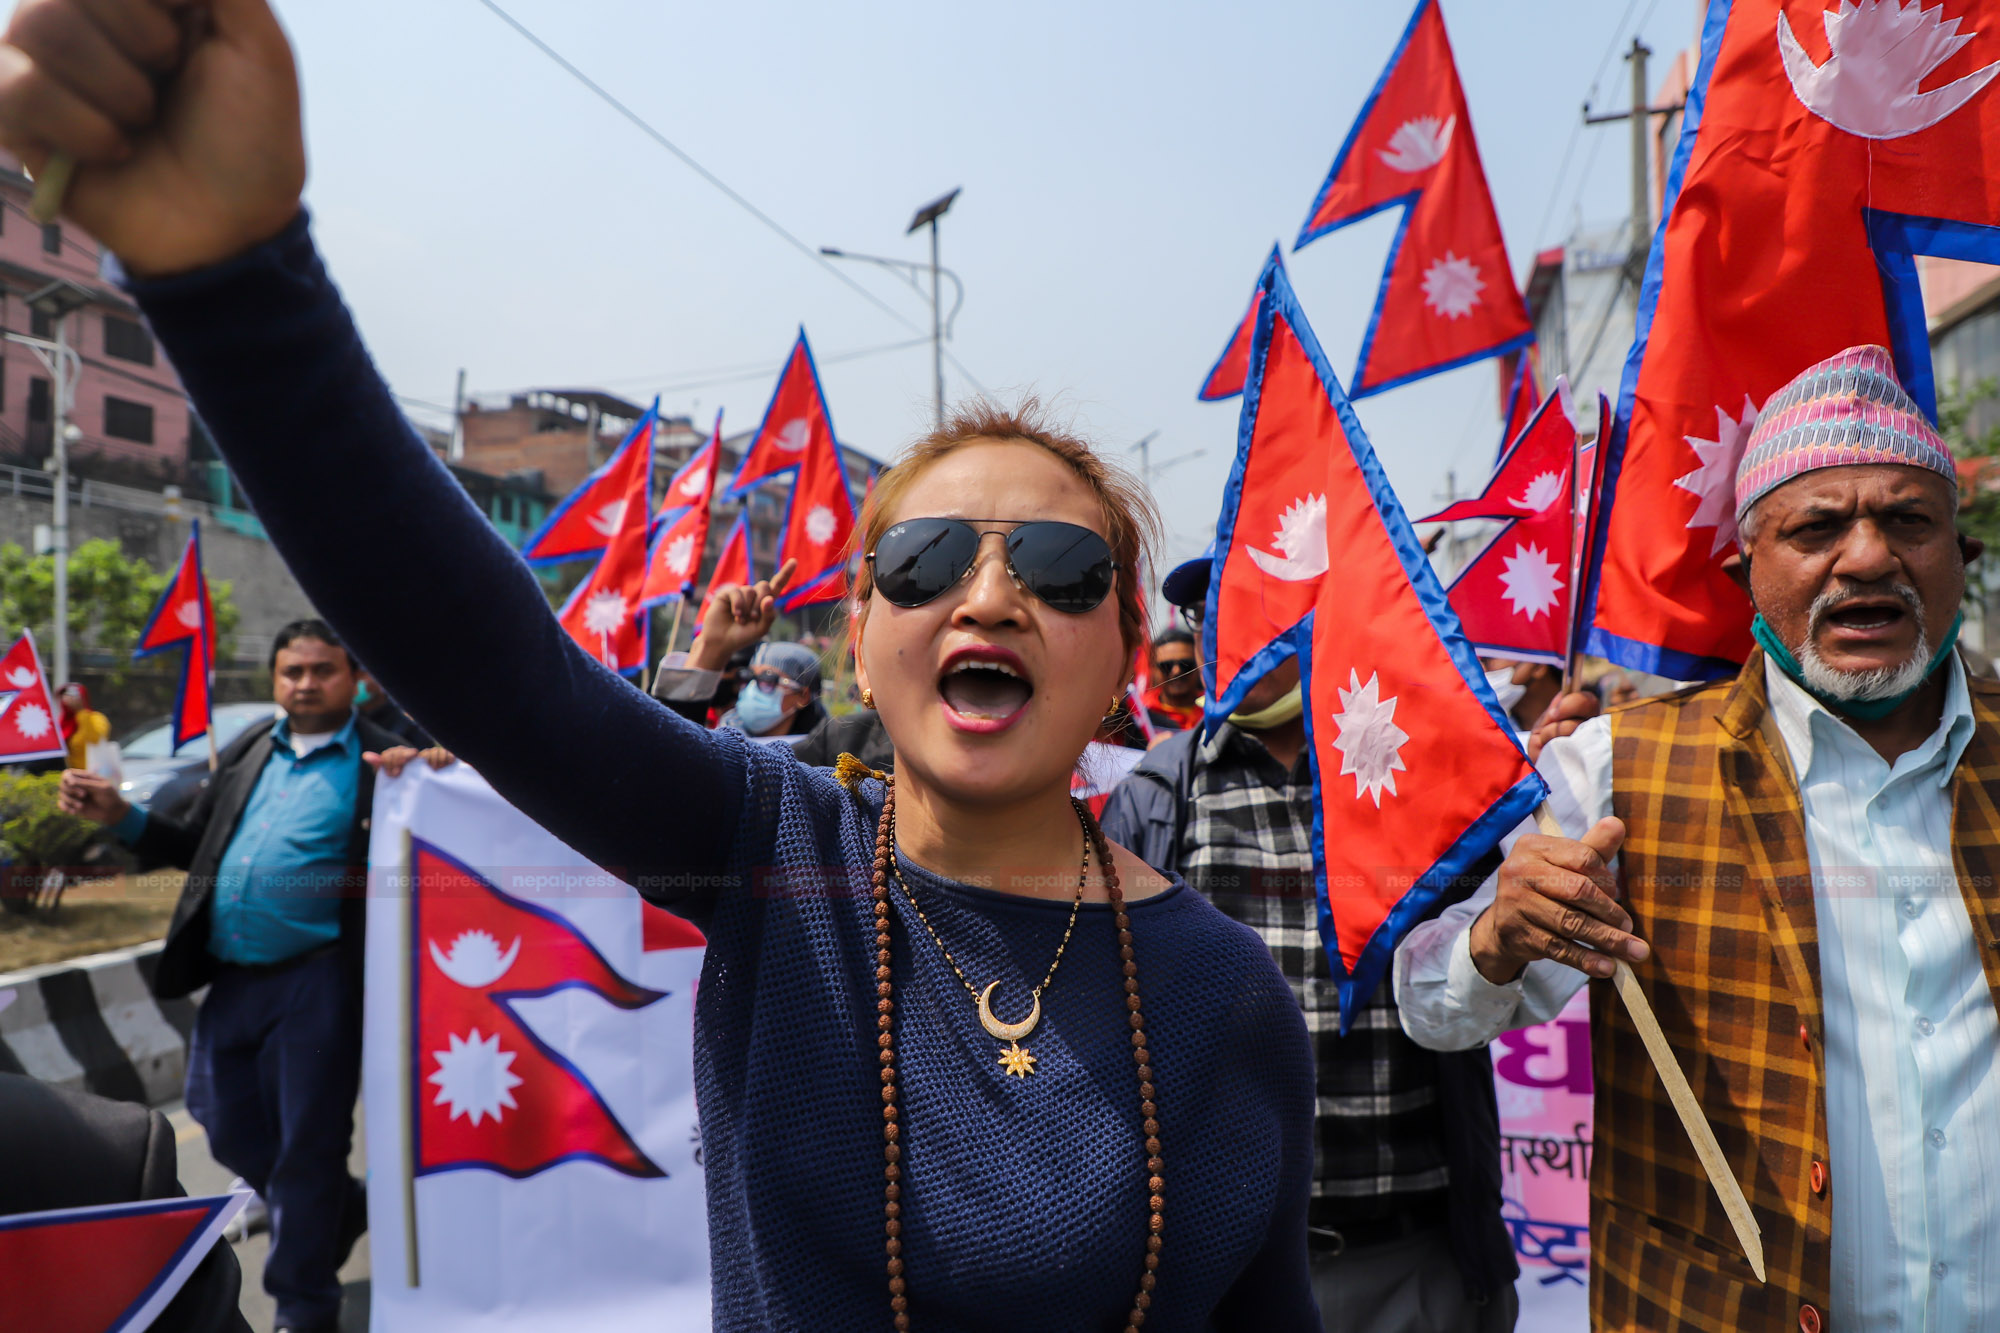 हिन्दू राज्य र राजसंस्था पुनःस्थापनाको माग गर्दै प्रदर्शन (फोटो फिचर)